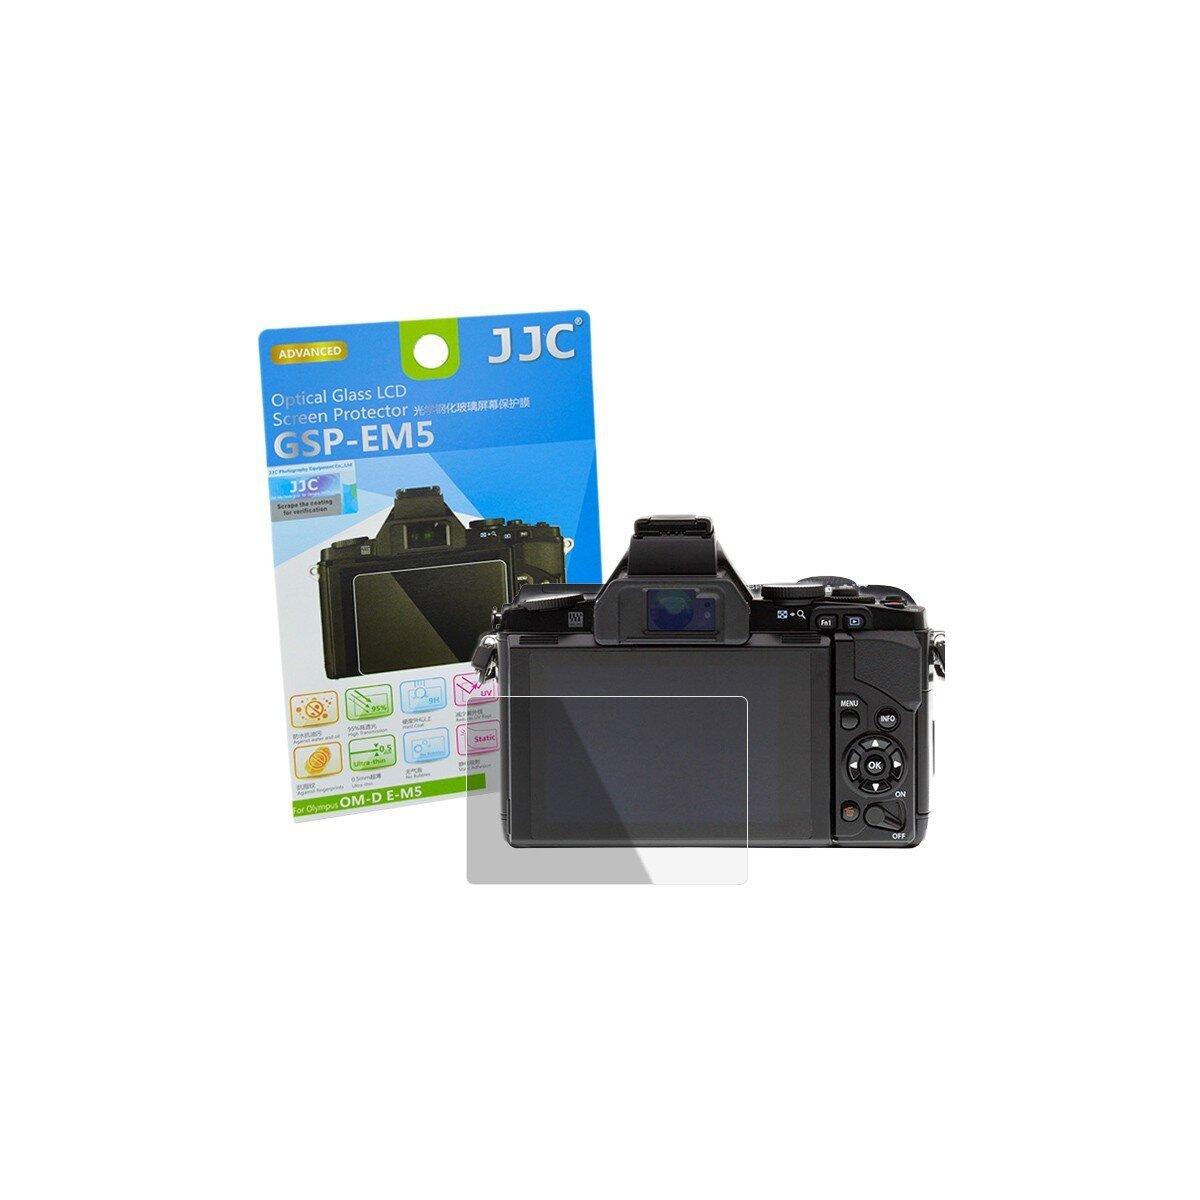 Hochwertiger Displayschutz Screen Protector aus gehaertetem Echtglas, passend fuer Olympus OM-D E-M5 - JJC GSP-EM5